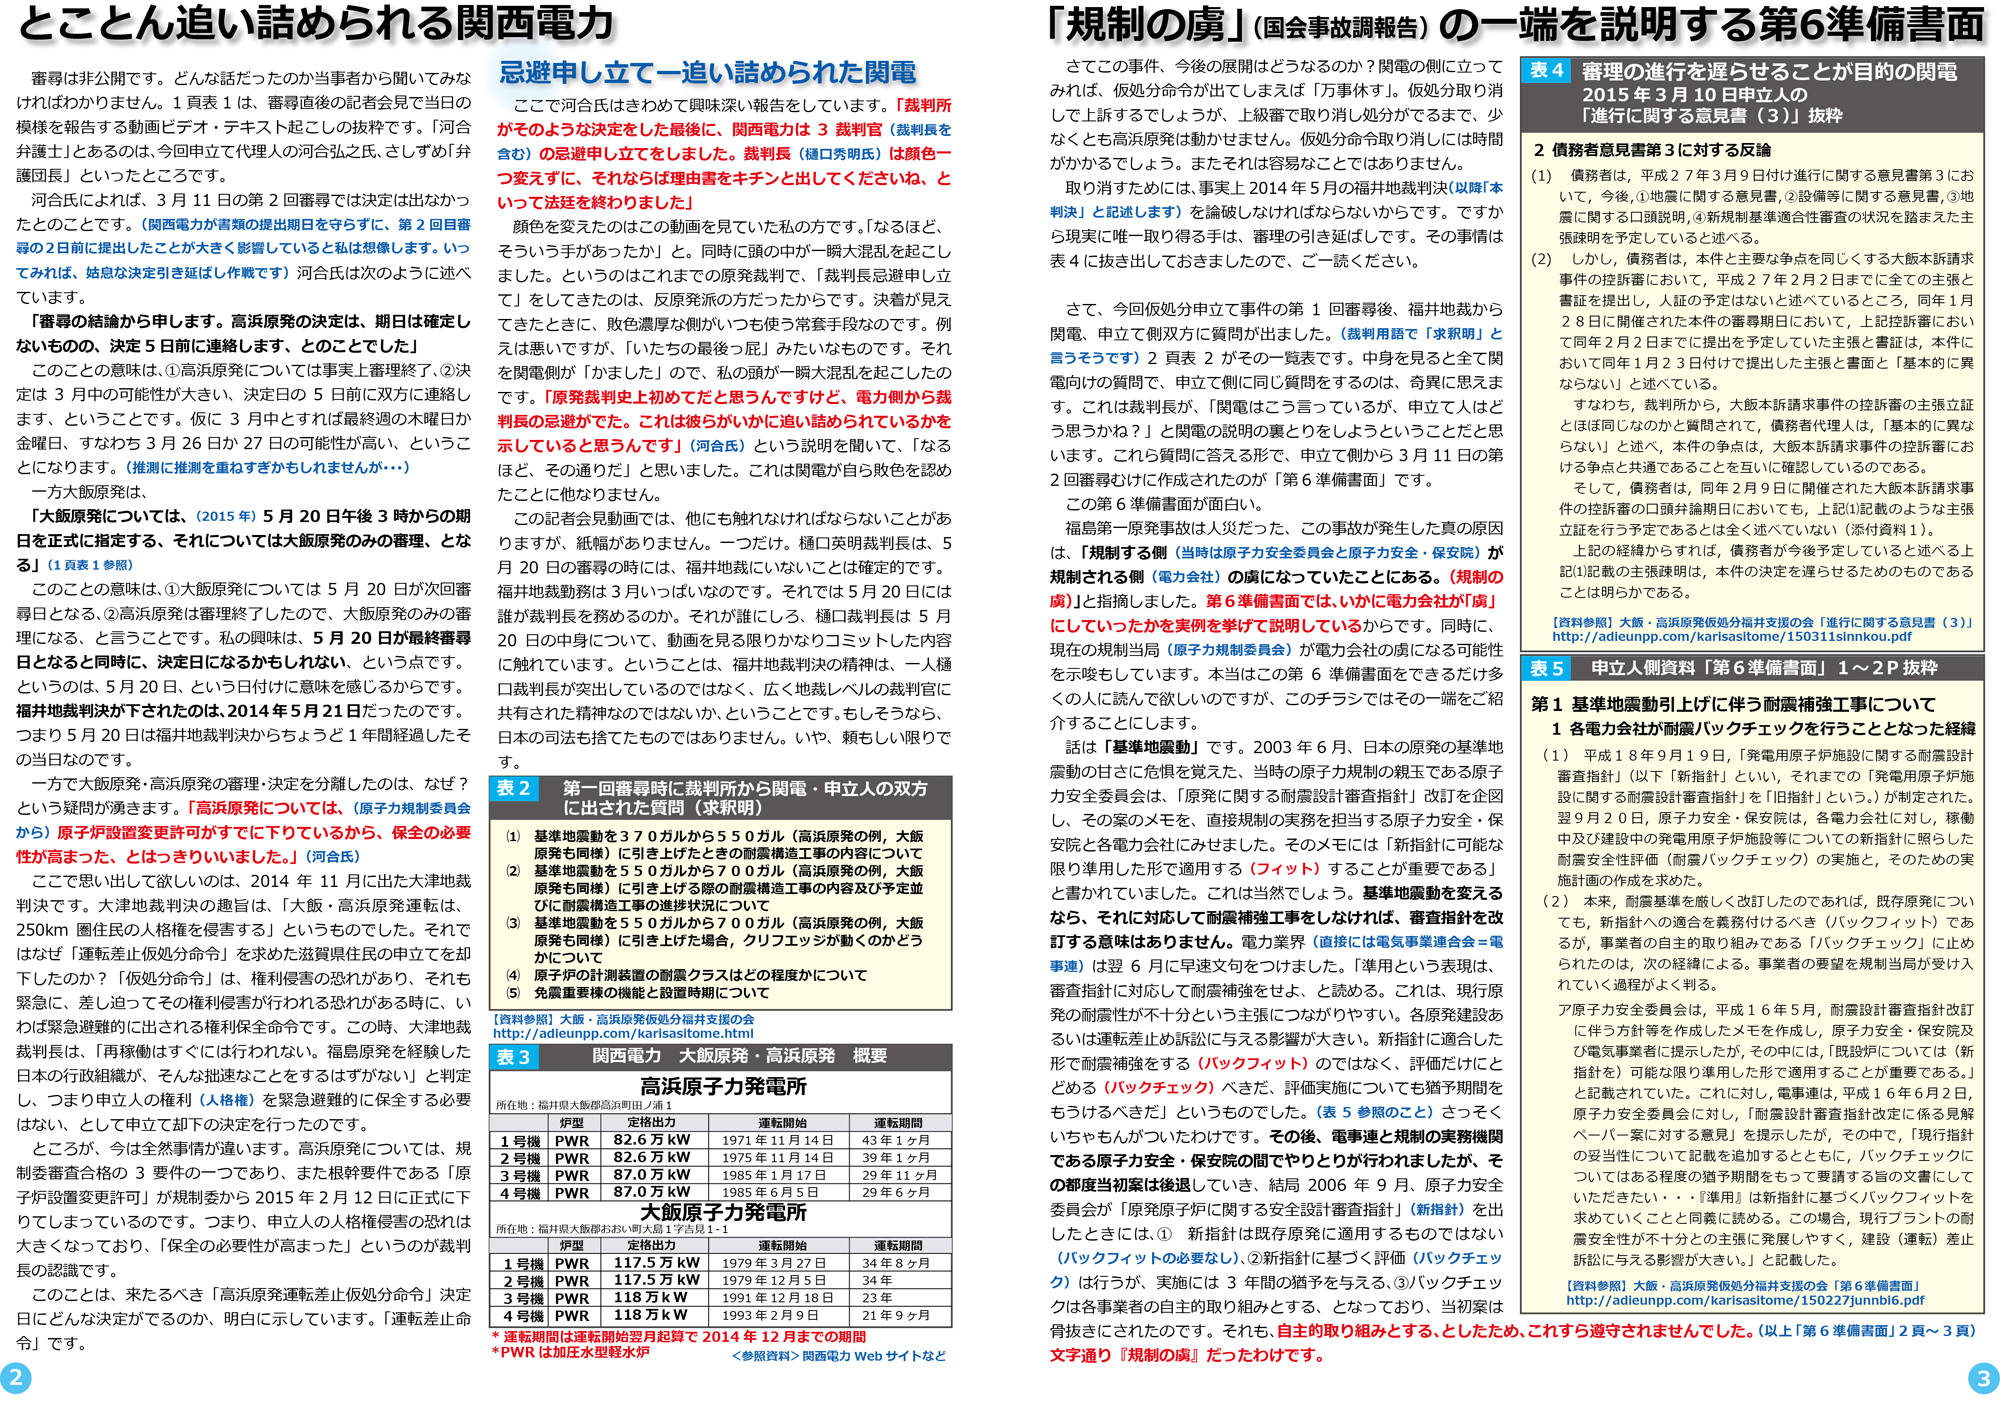 ファイル 401-2.jpg